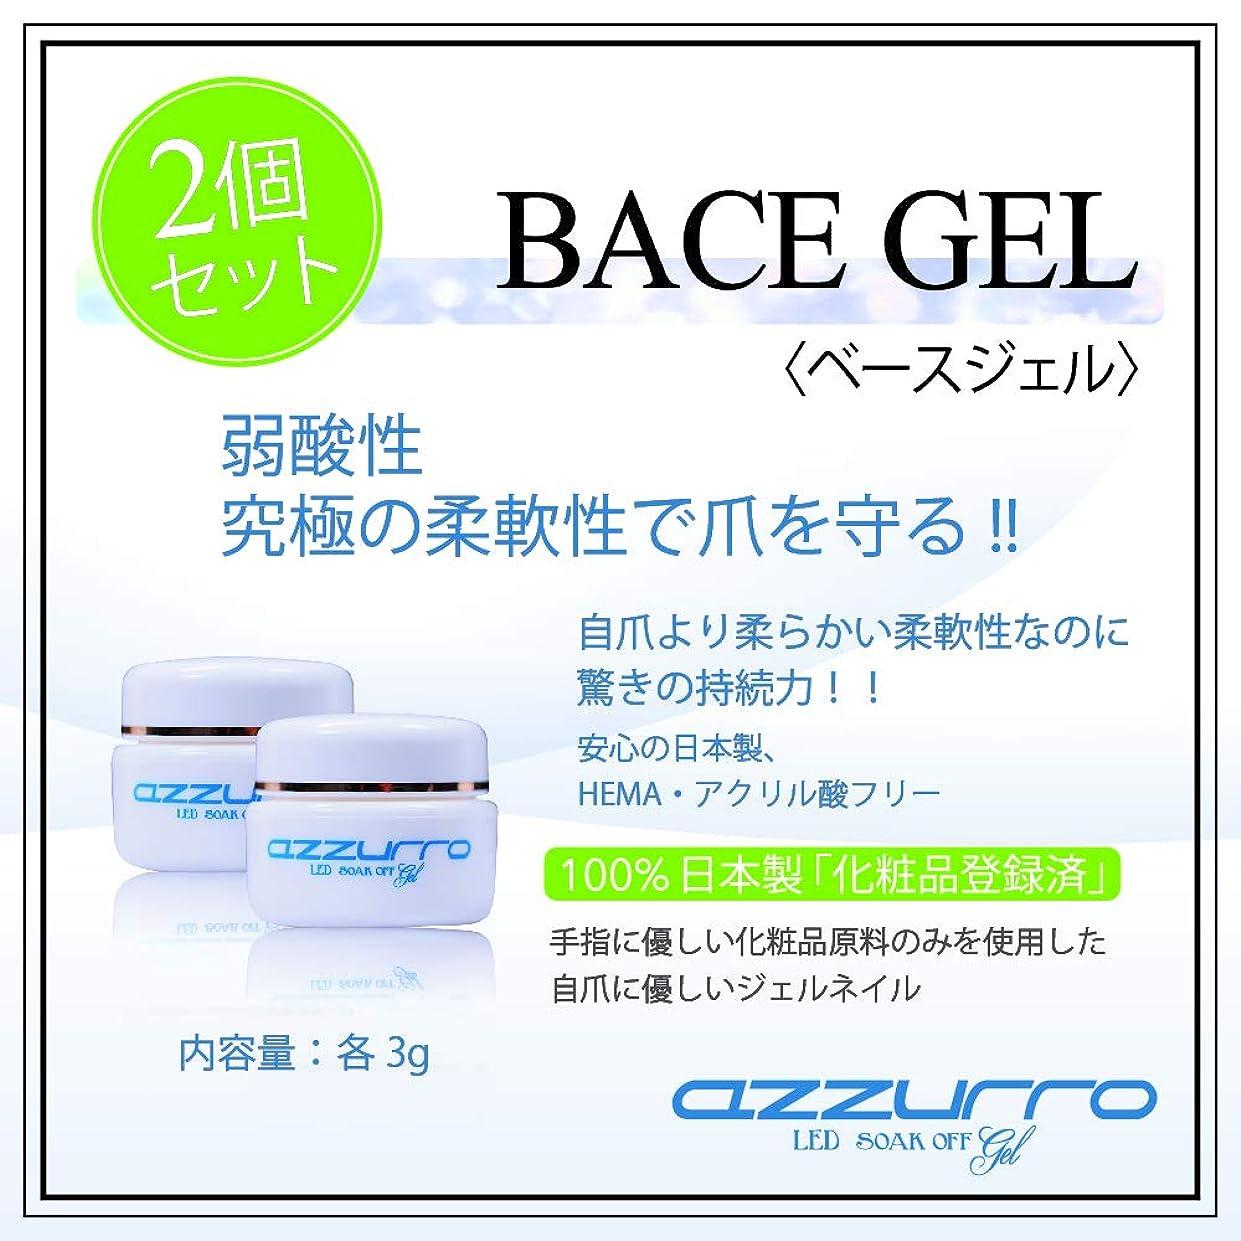 始まり透明にまでazzurro gel アッズーロベースジェル お得な2個セット 爪に優しい 日本製 驚きの密着力 リムーバーでオフも簡単3g